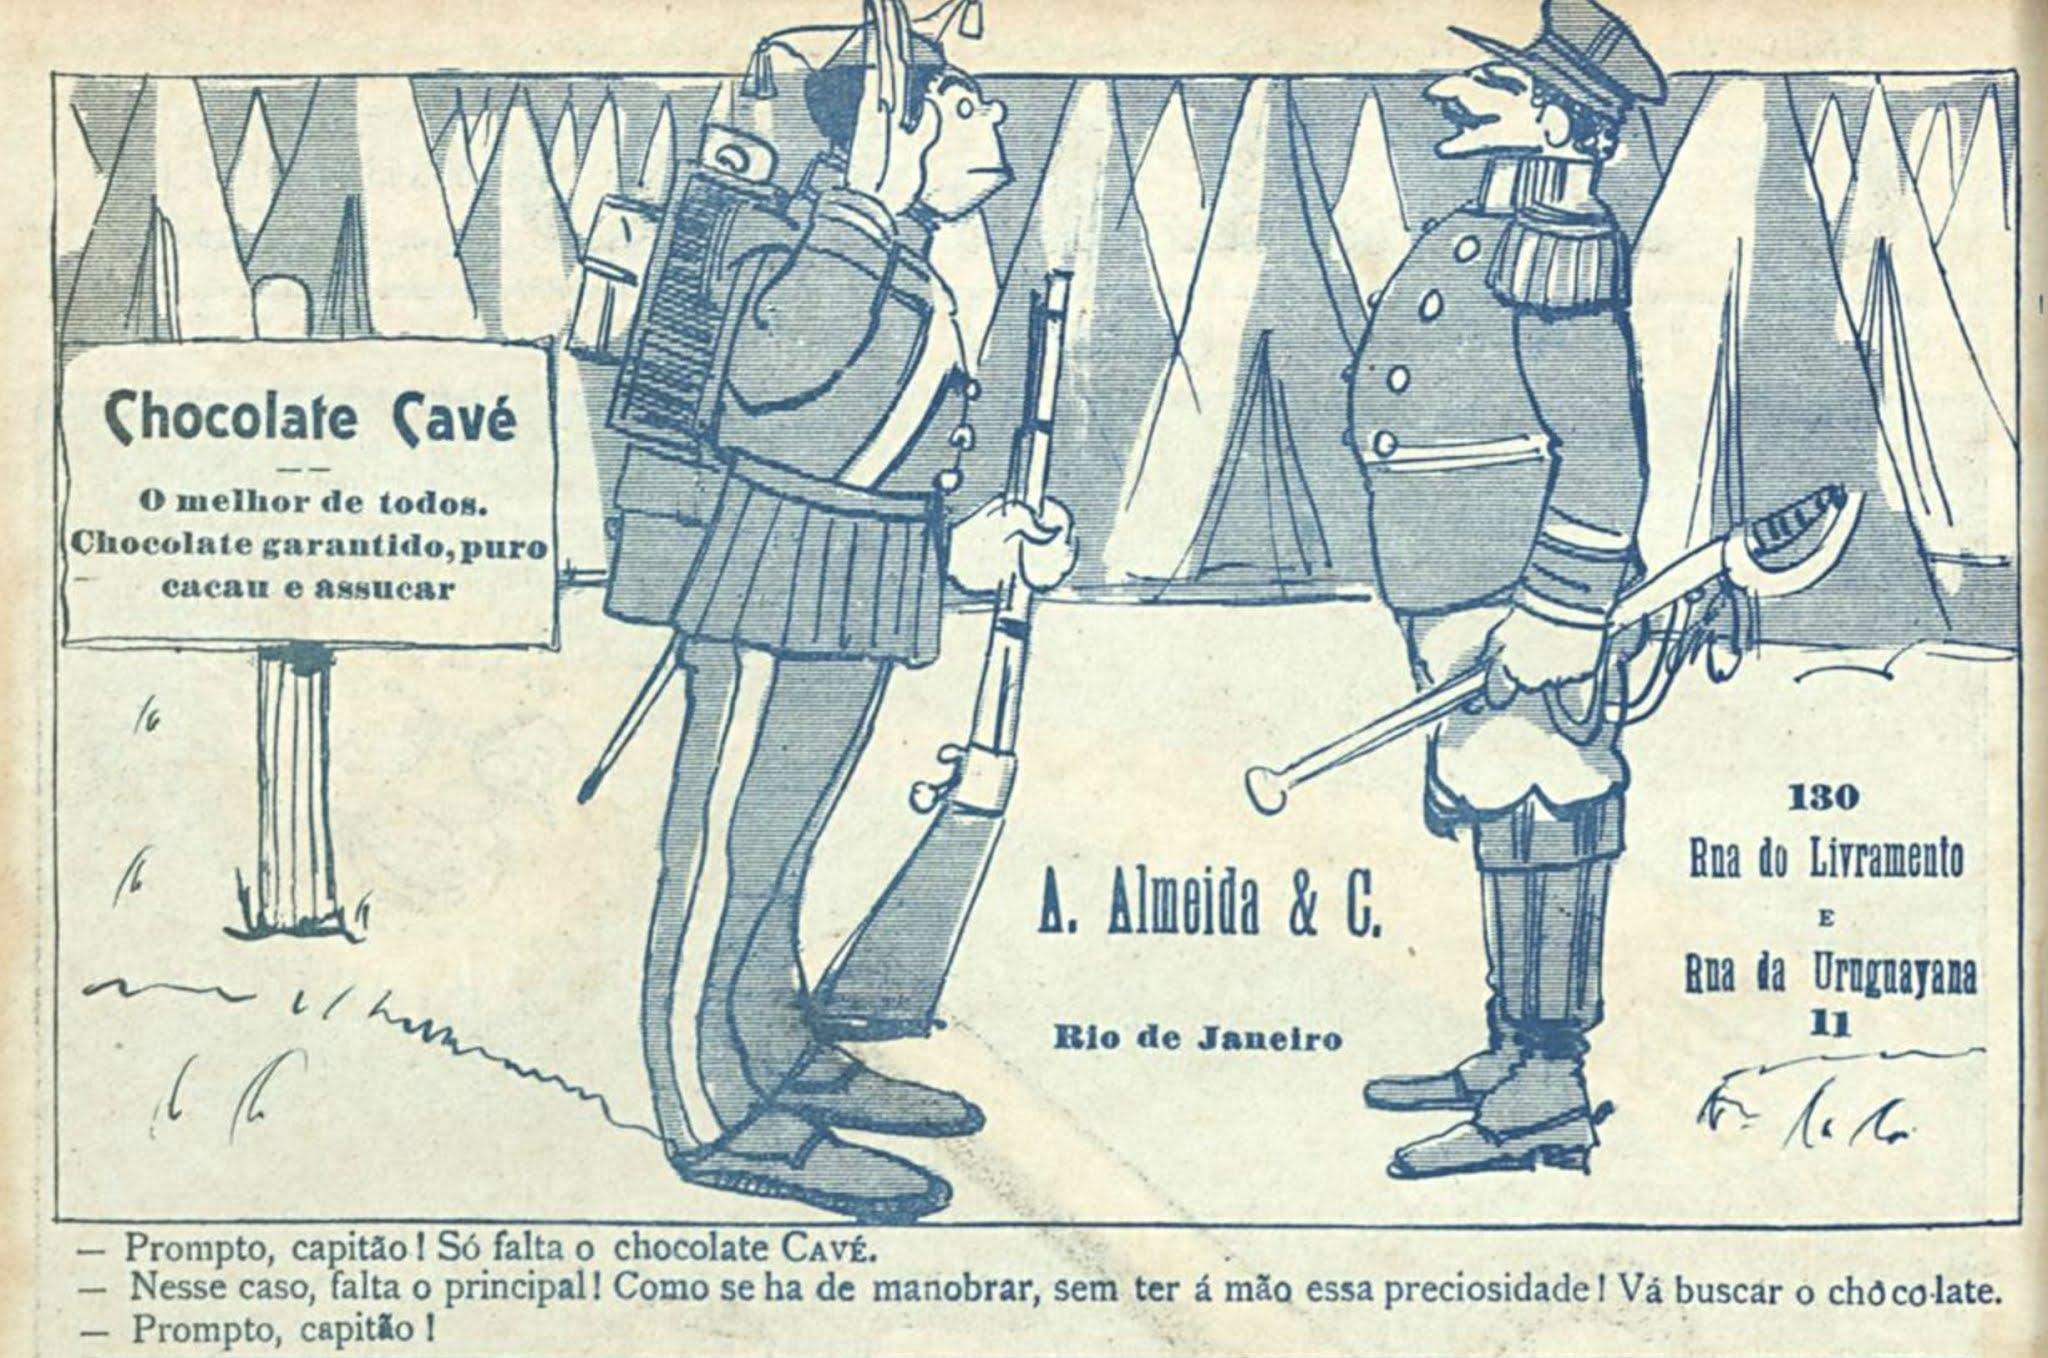 Anúncio antigo do Chocolate Cavé veiculado no ano de 1907